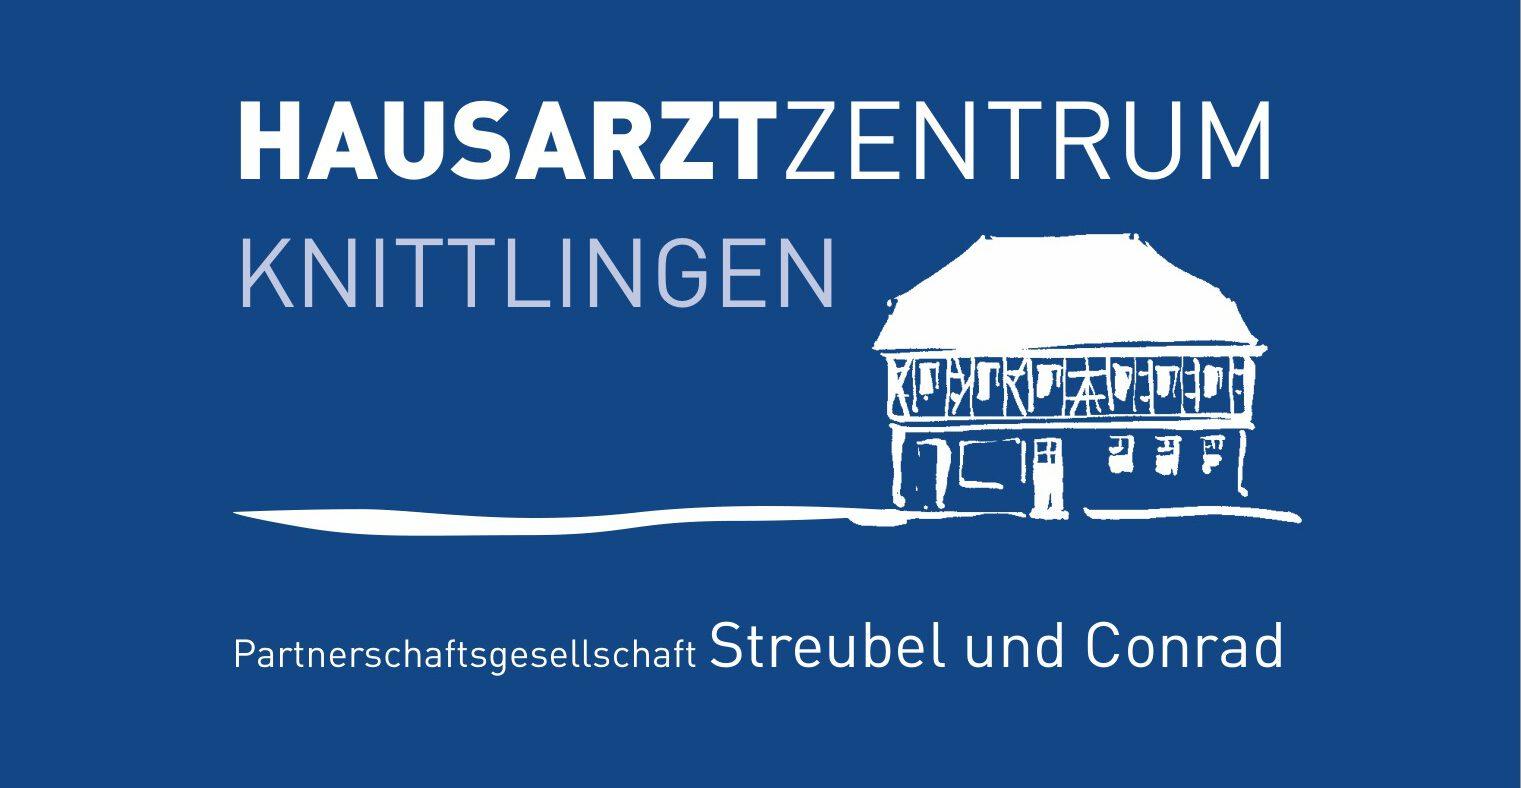 Hausarztzentrum Knittlingen